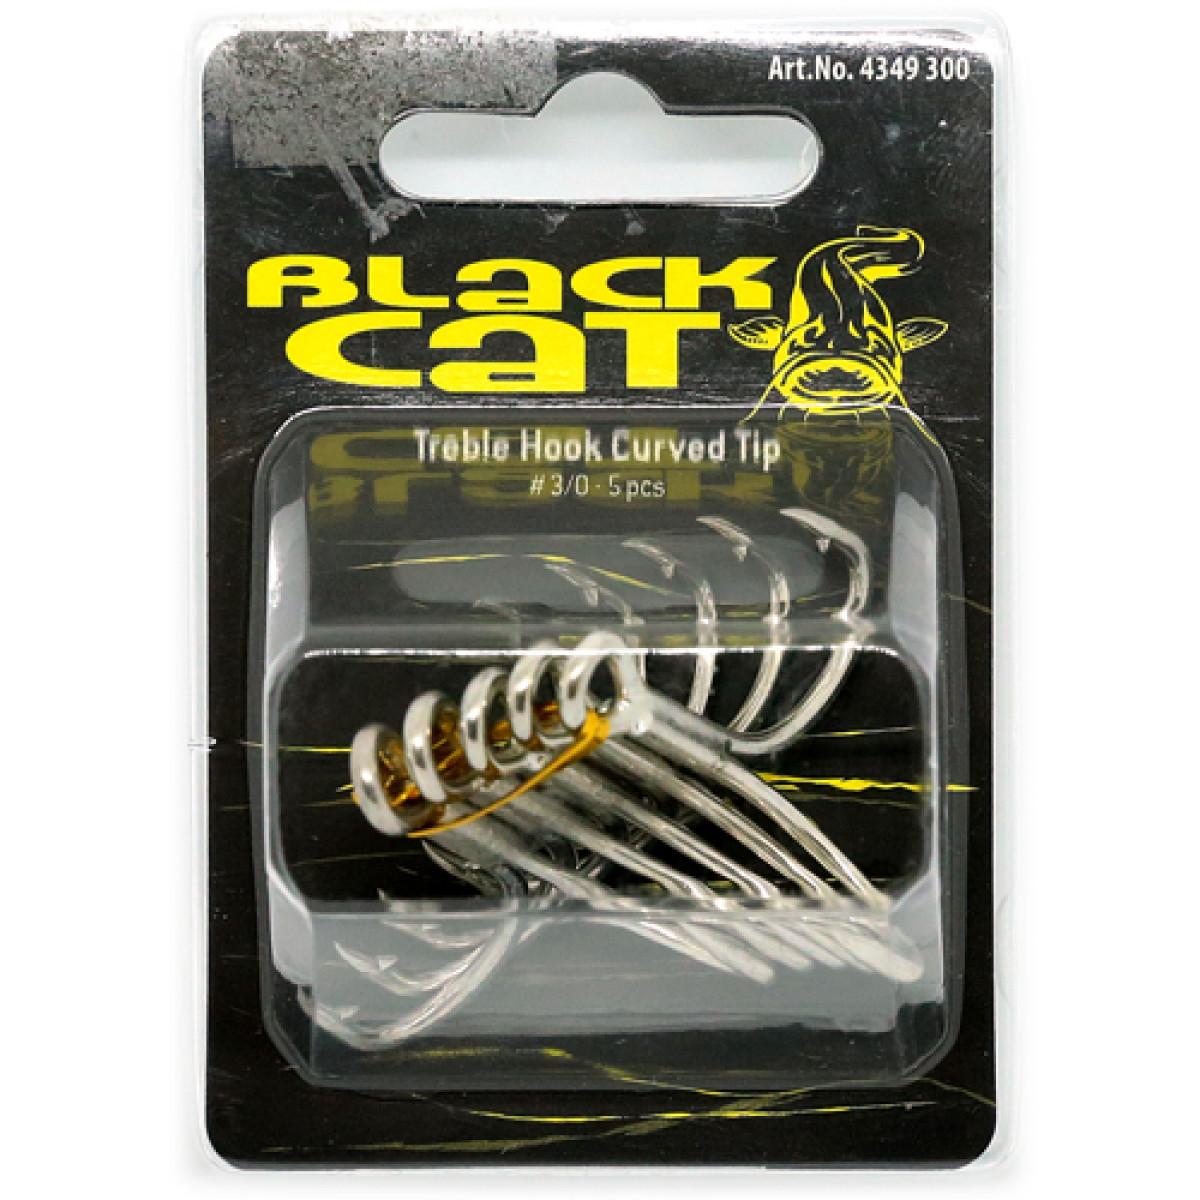 Trojčki za soma Black Cat Treble Hook Curve Tip 4/0